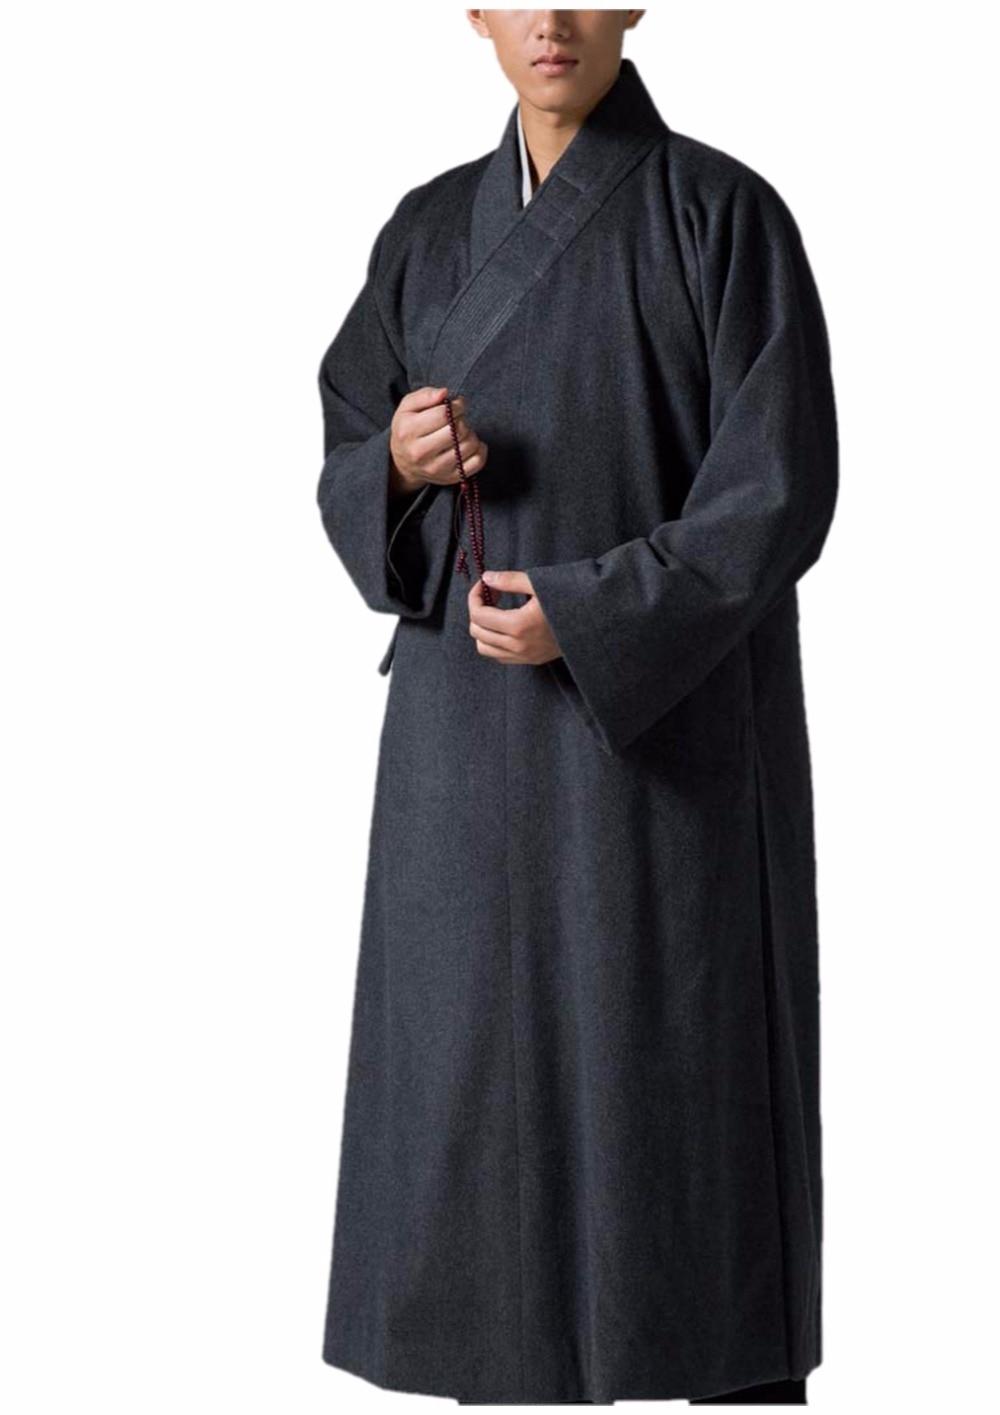 जेनवाईंग पुरुषों की - राष्ट्रीय कपड़े